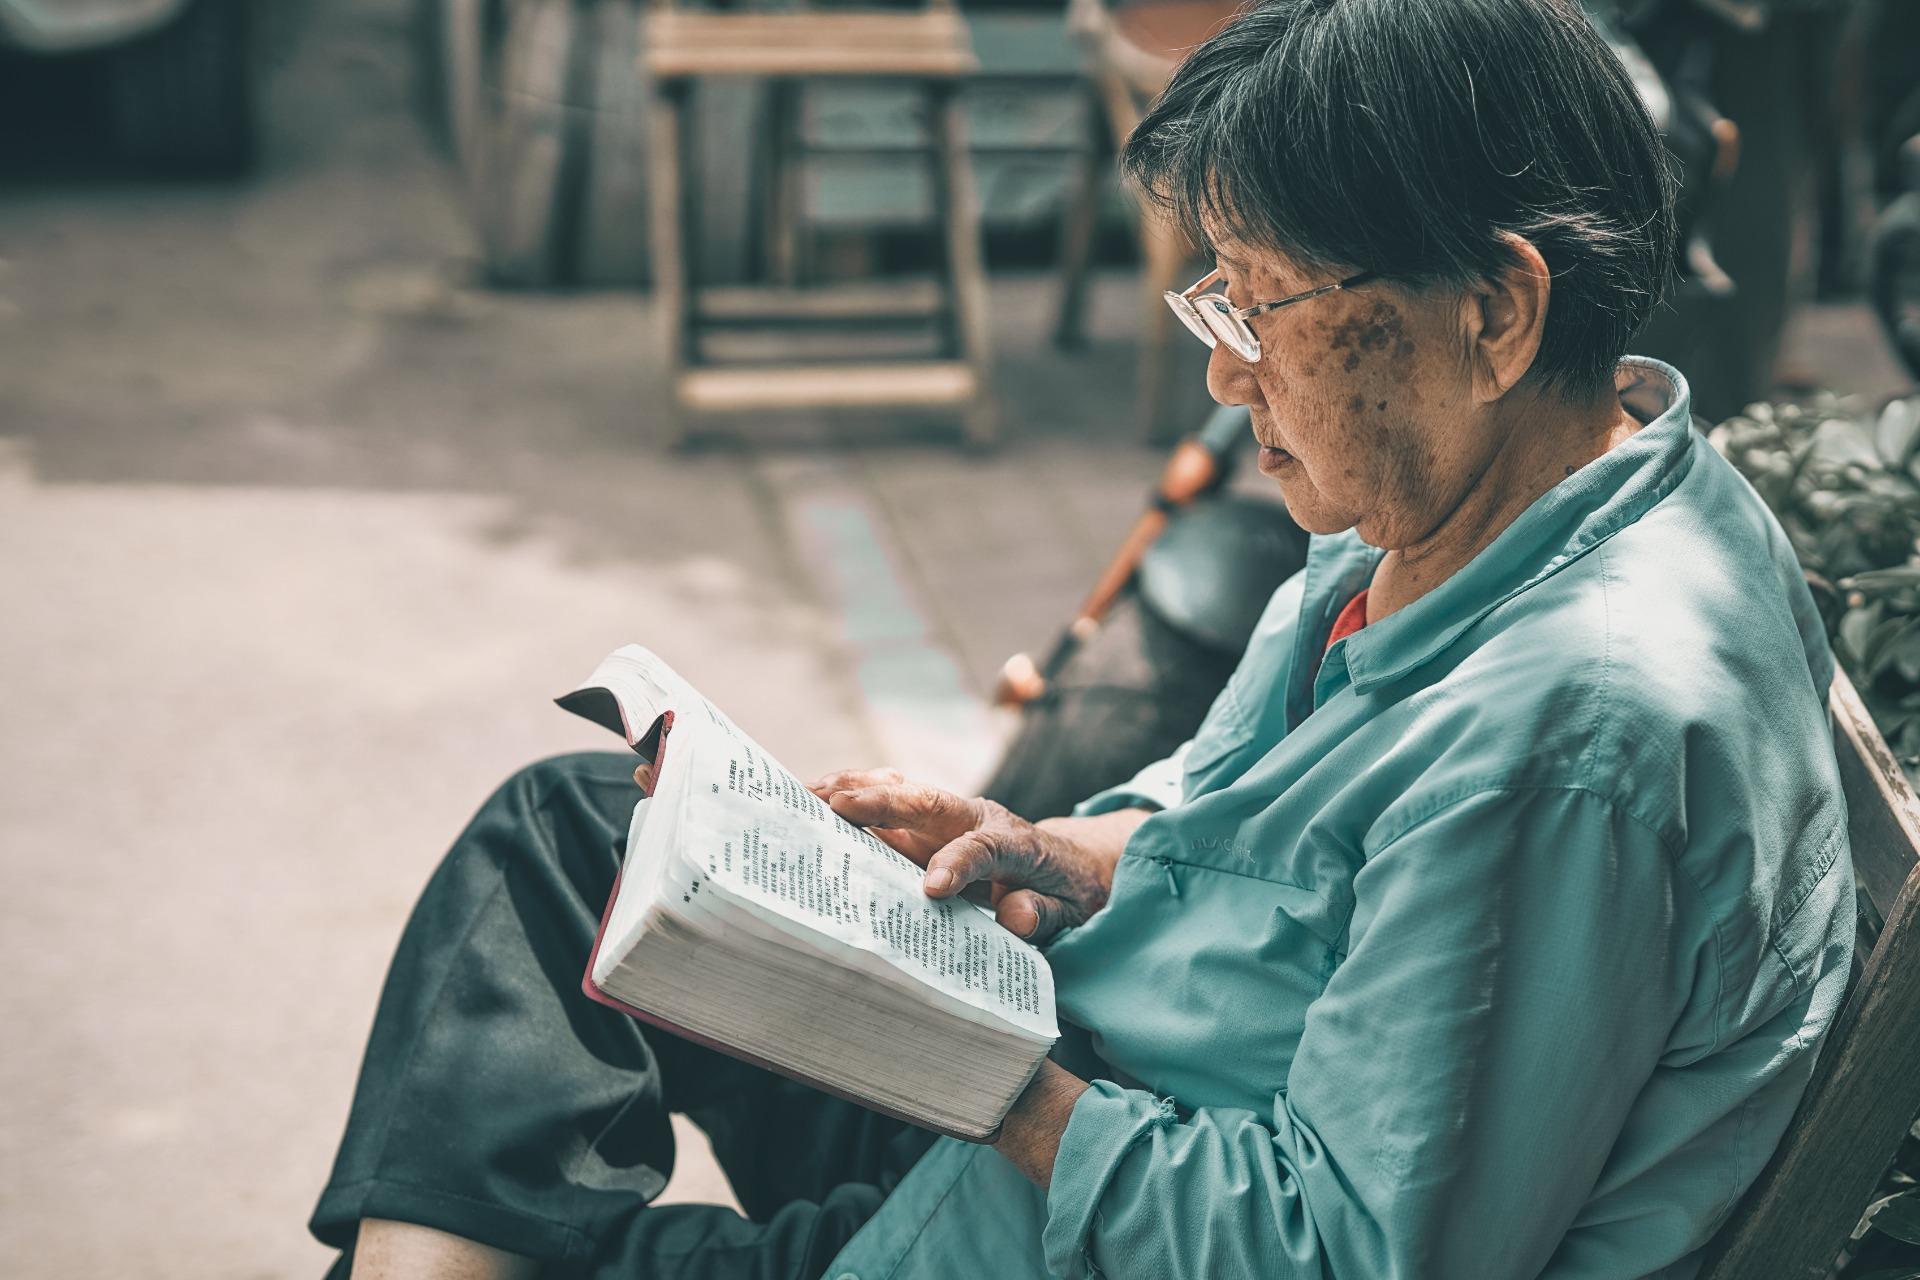 未来中国老人90%居家养老,医养结合的重点在居家和社区